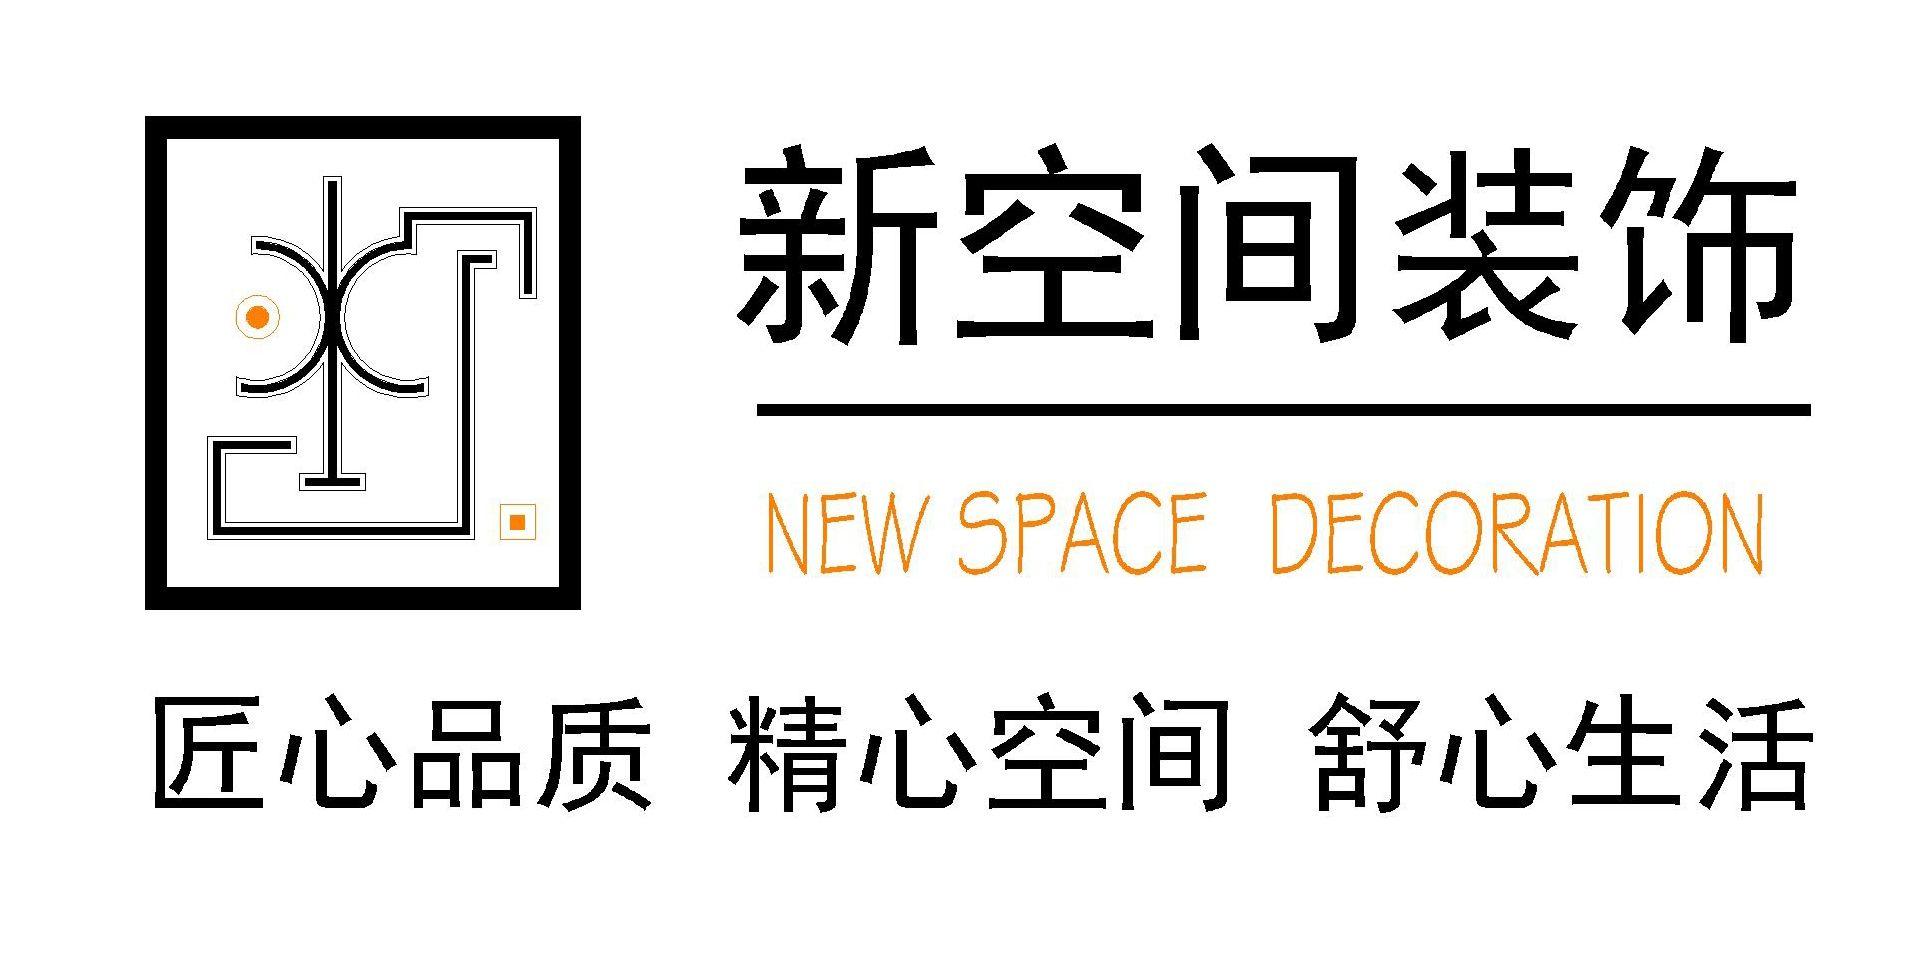 张家港新空间建筑装饰有限公司